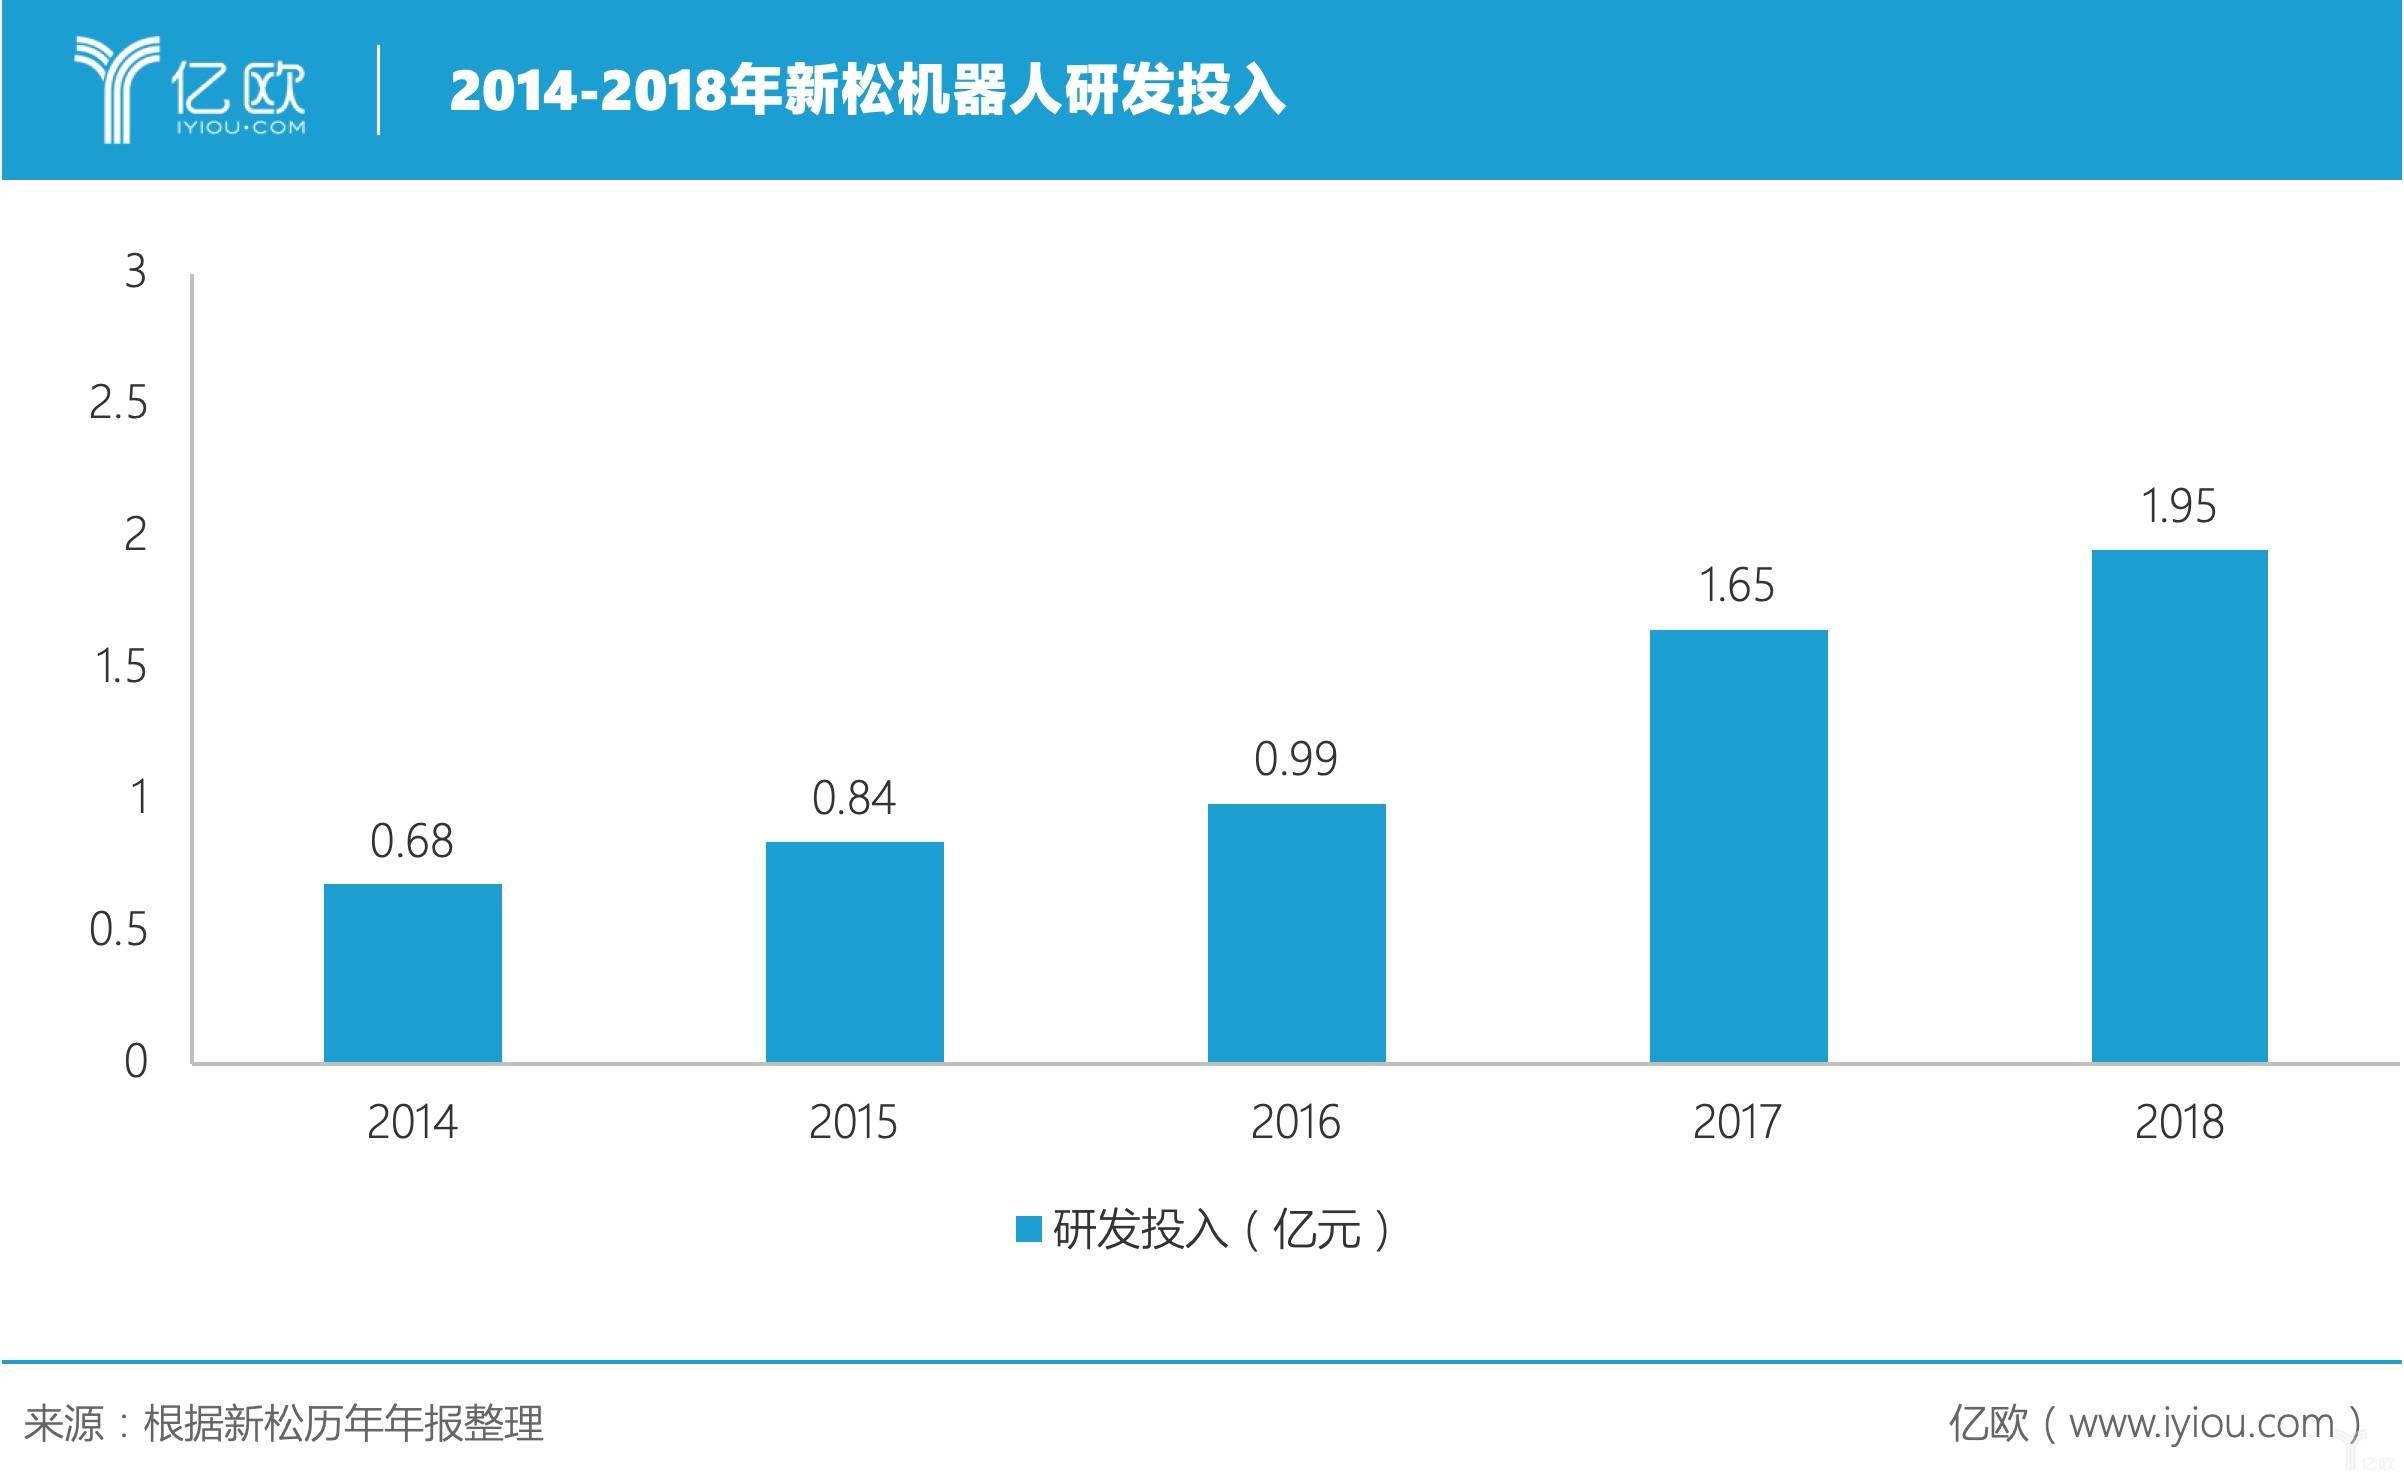 2014-2018年新松机器人研发投入.jpeg